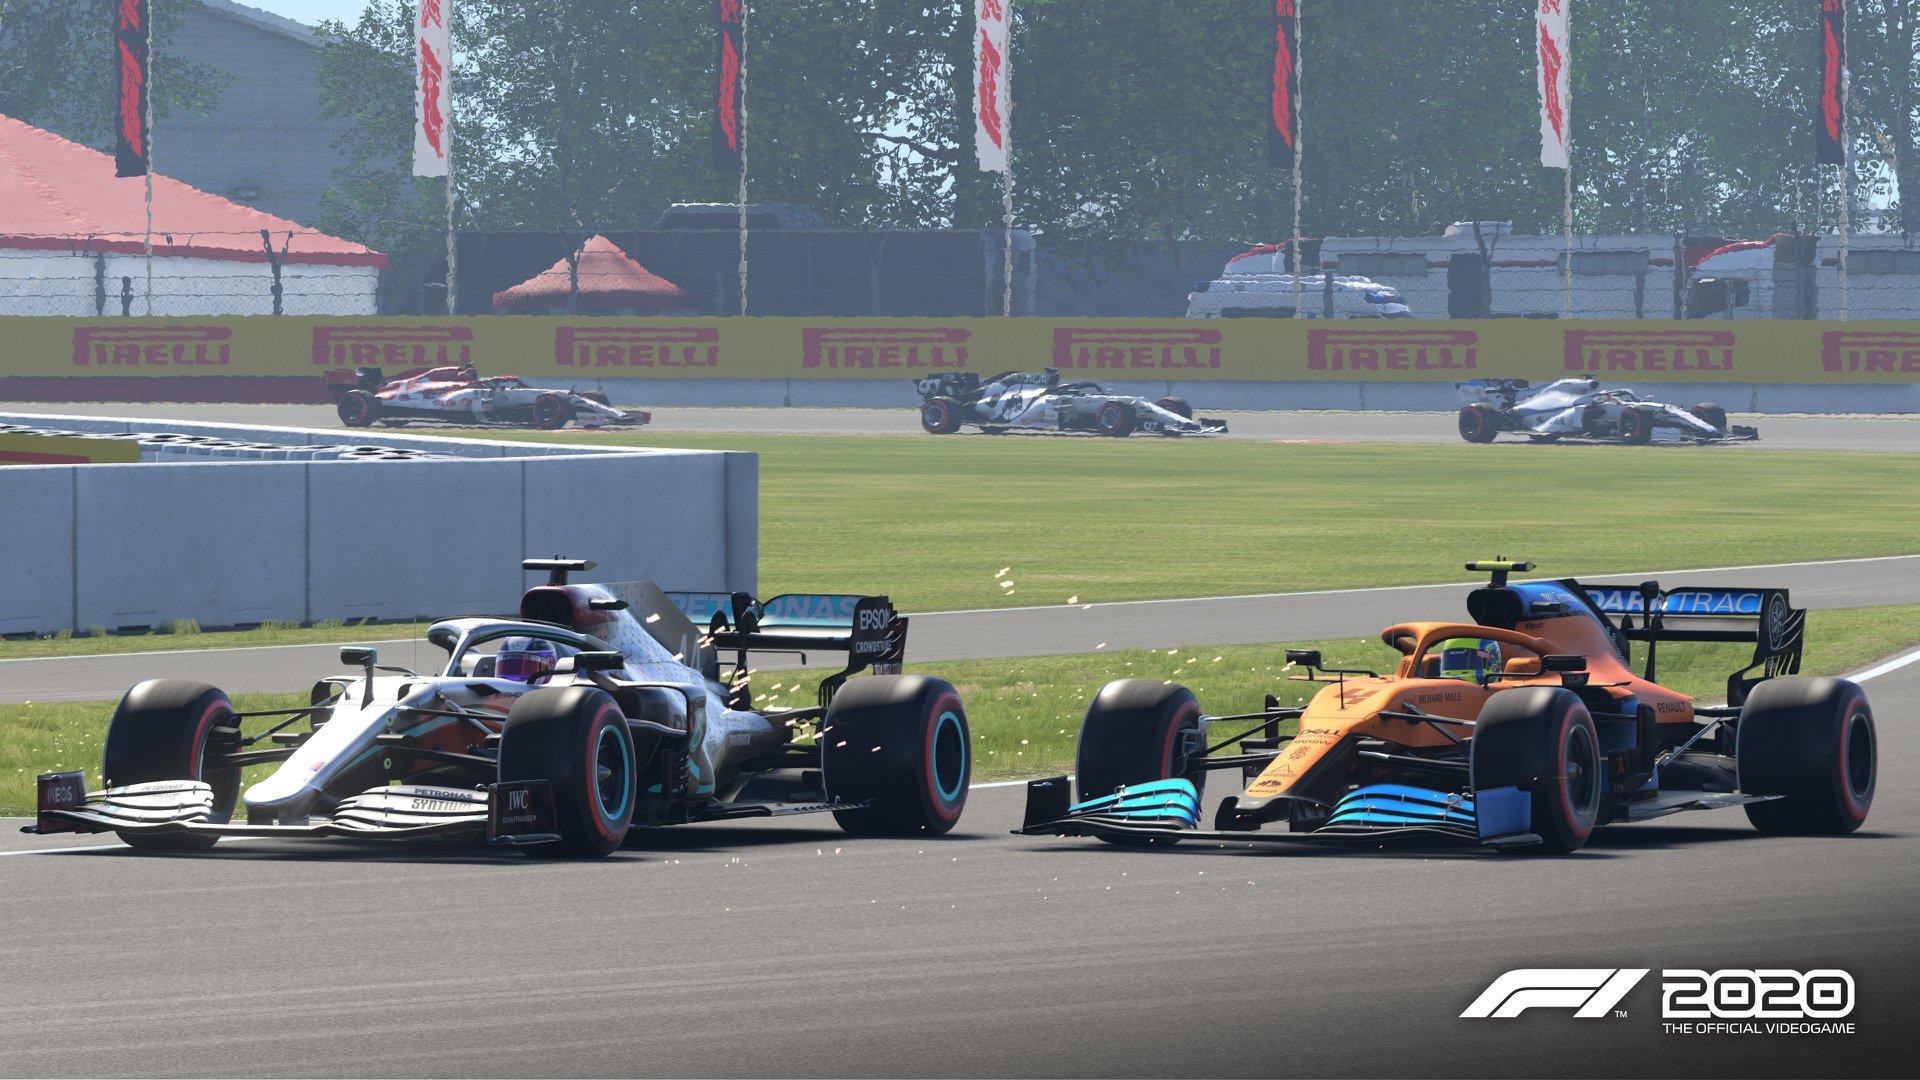 F1 2020 Update.jpg